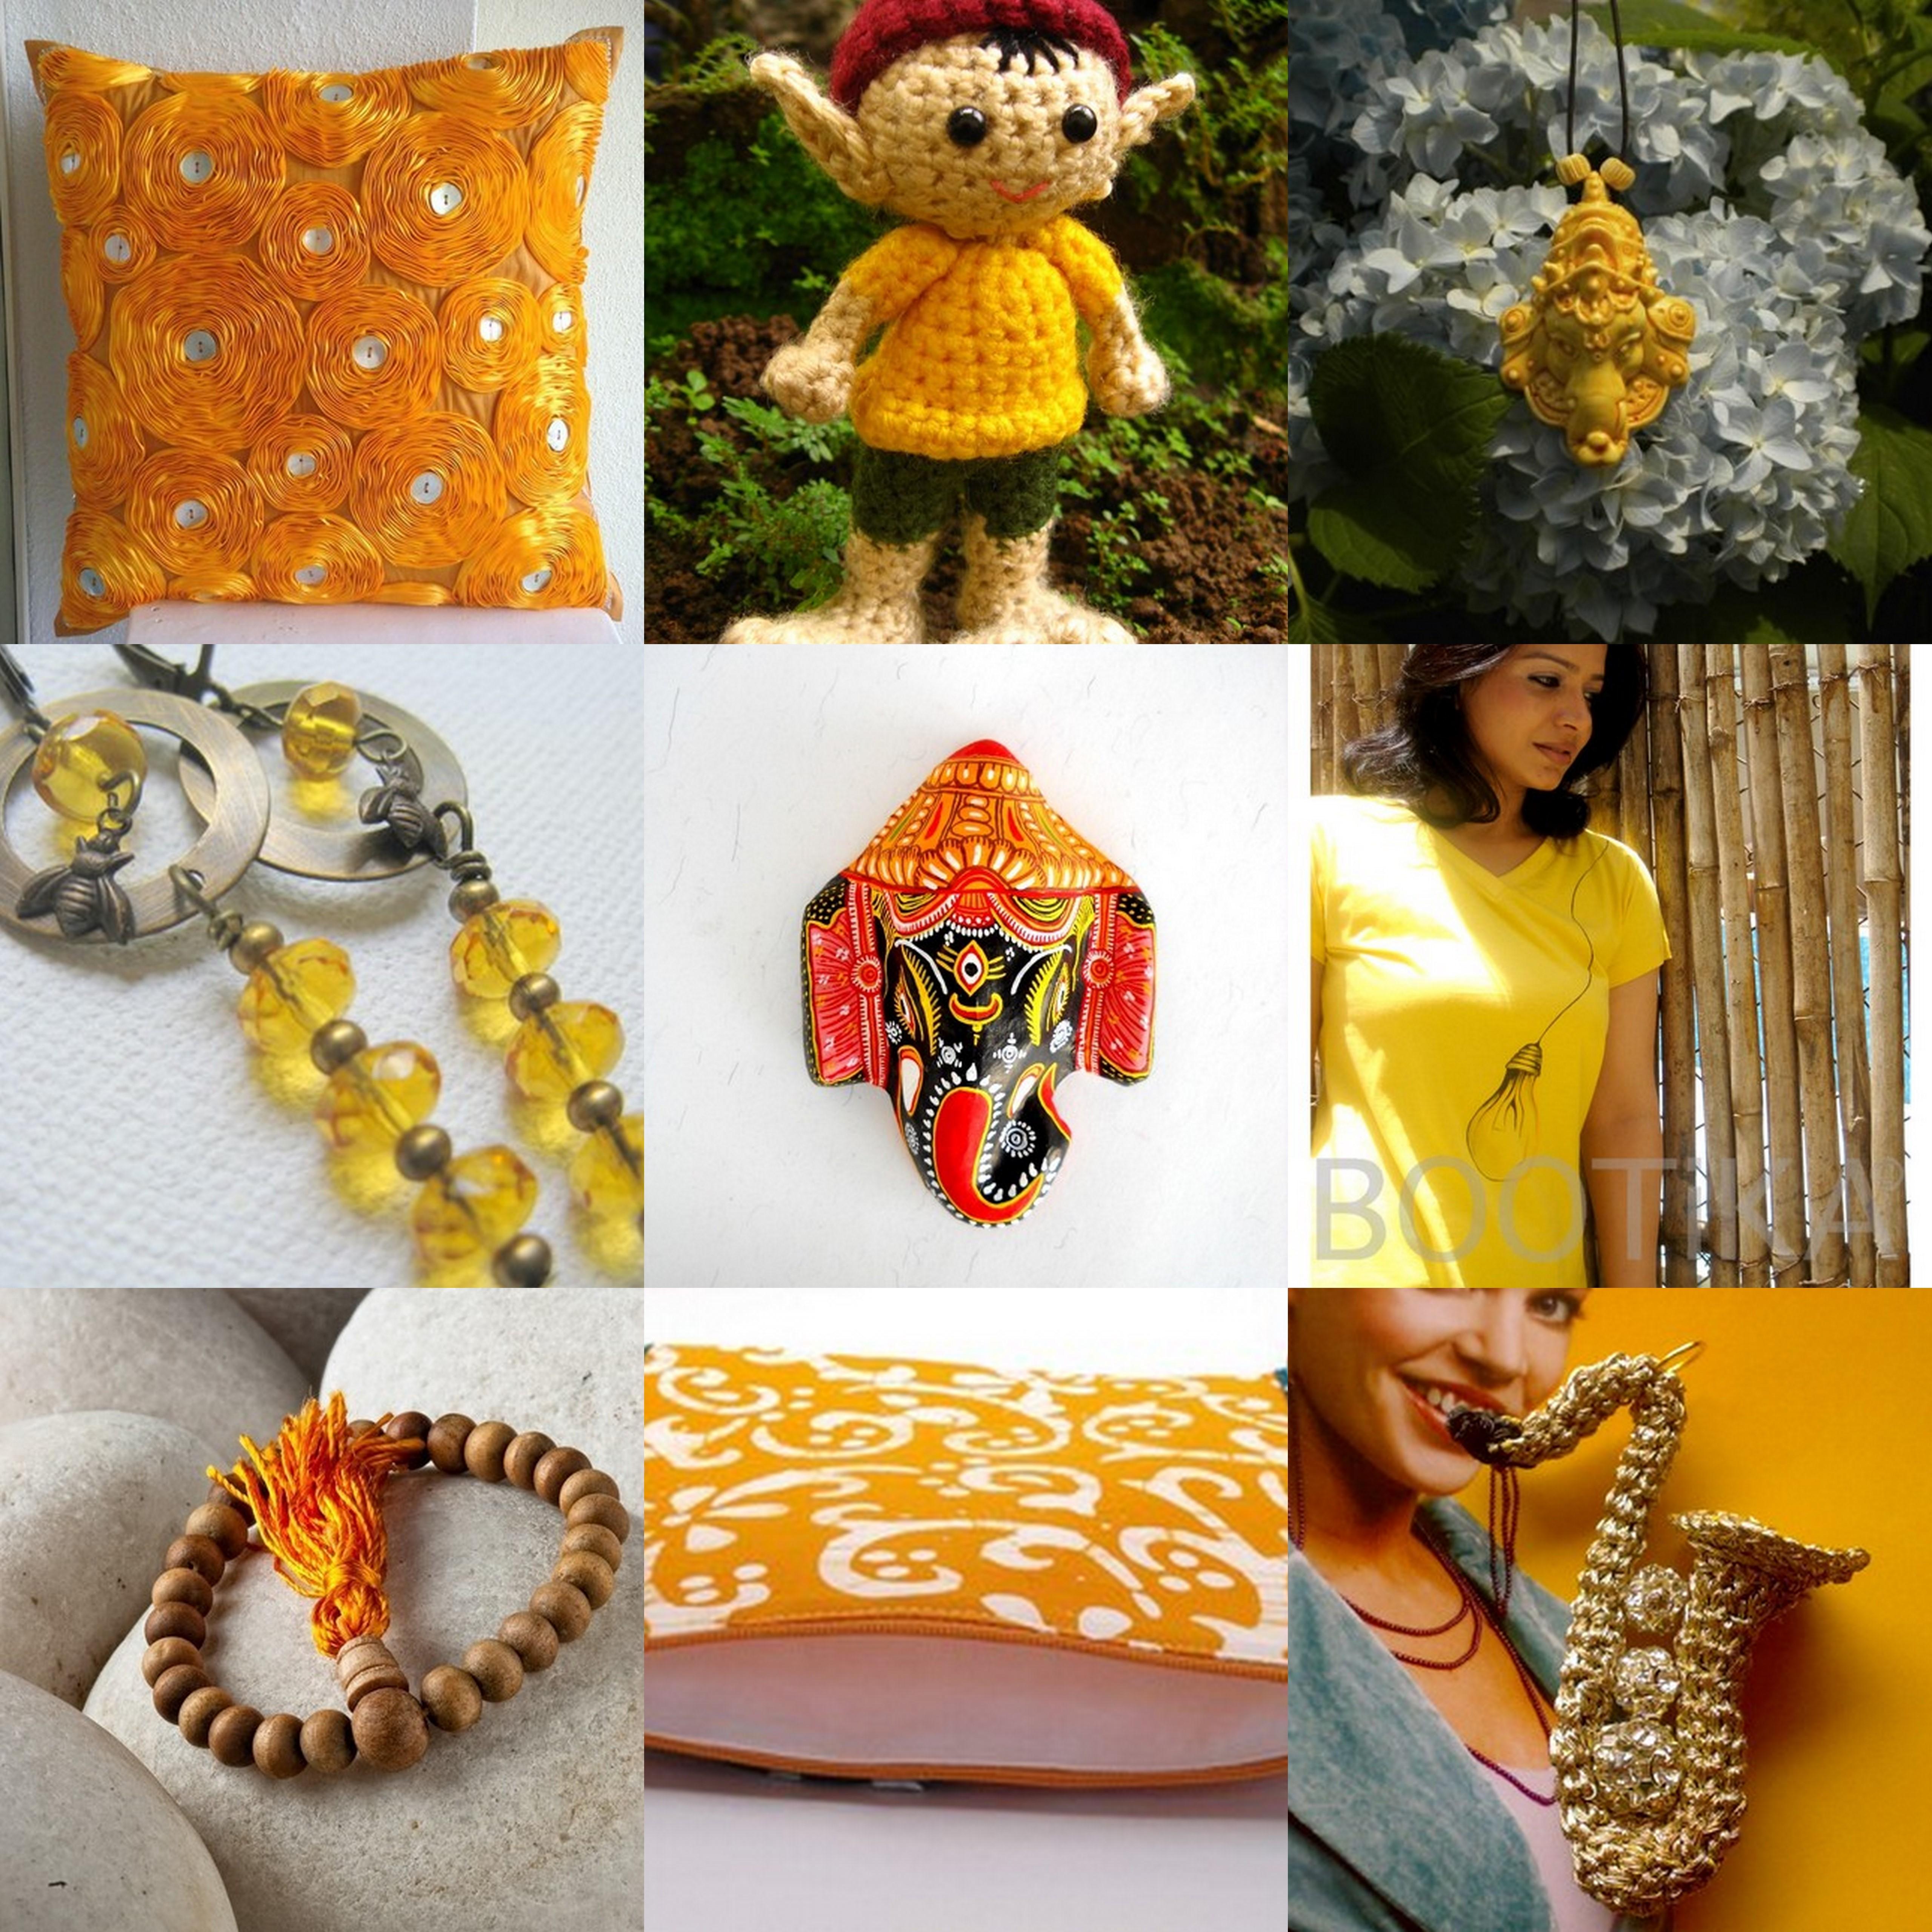 pillow cover, crochet,ganesha pendant, earrings, ganesha mask,hand painted t-shirt, sandalwood beads,blockprint bag, crochet pendant